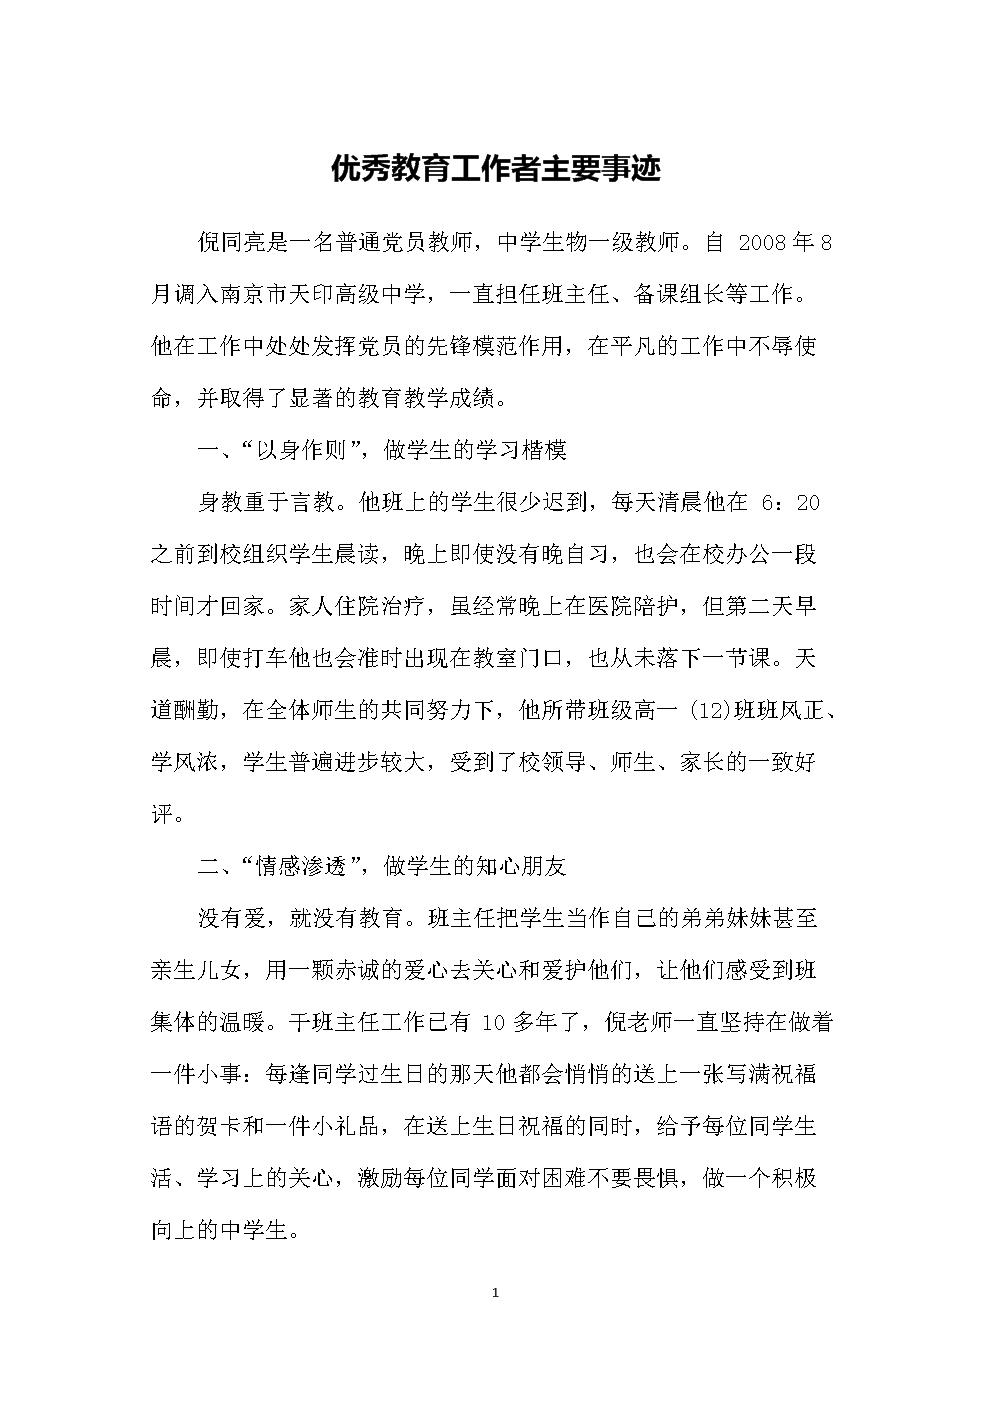 优秀教育工作者主要事迹.doc